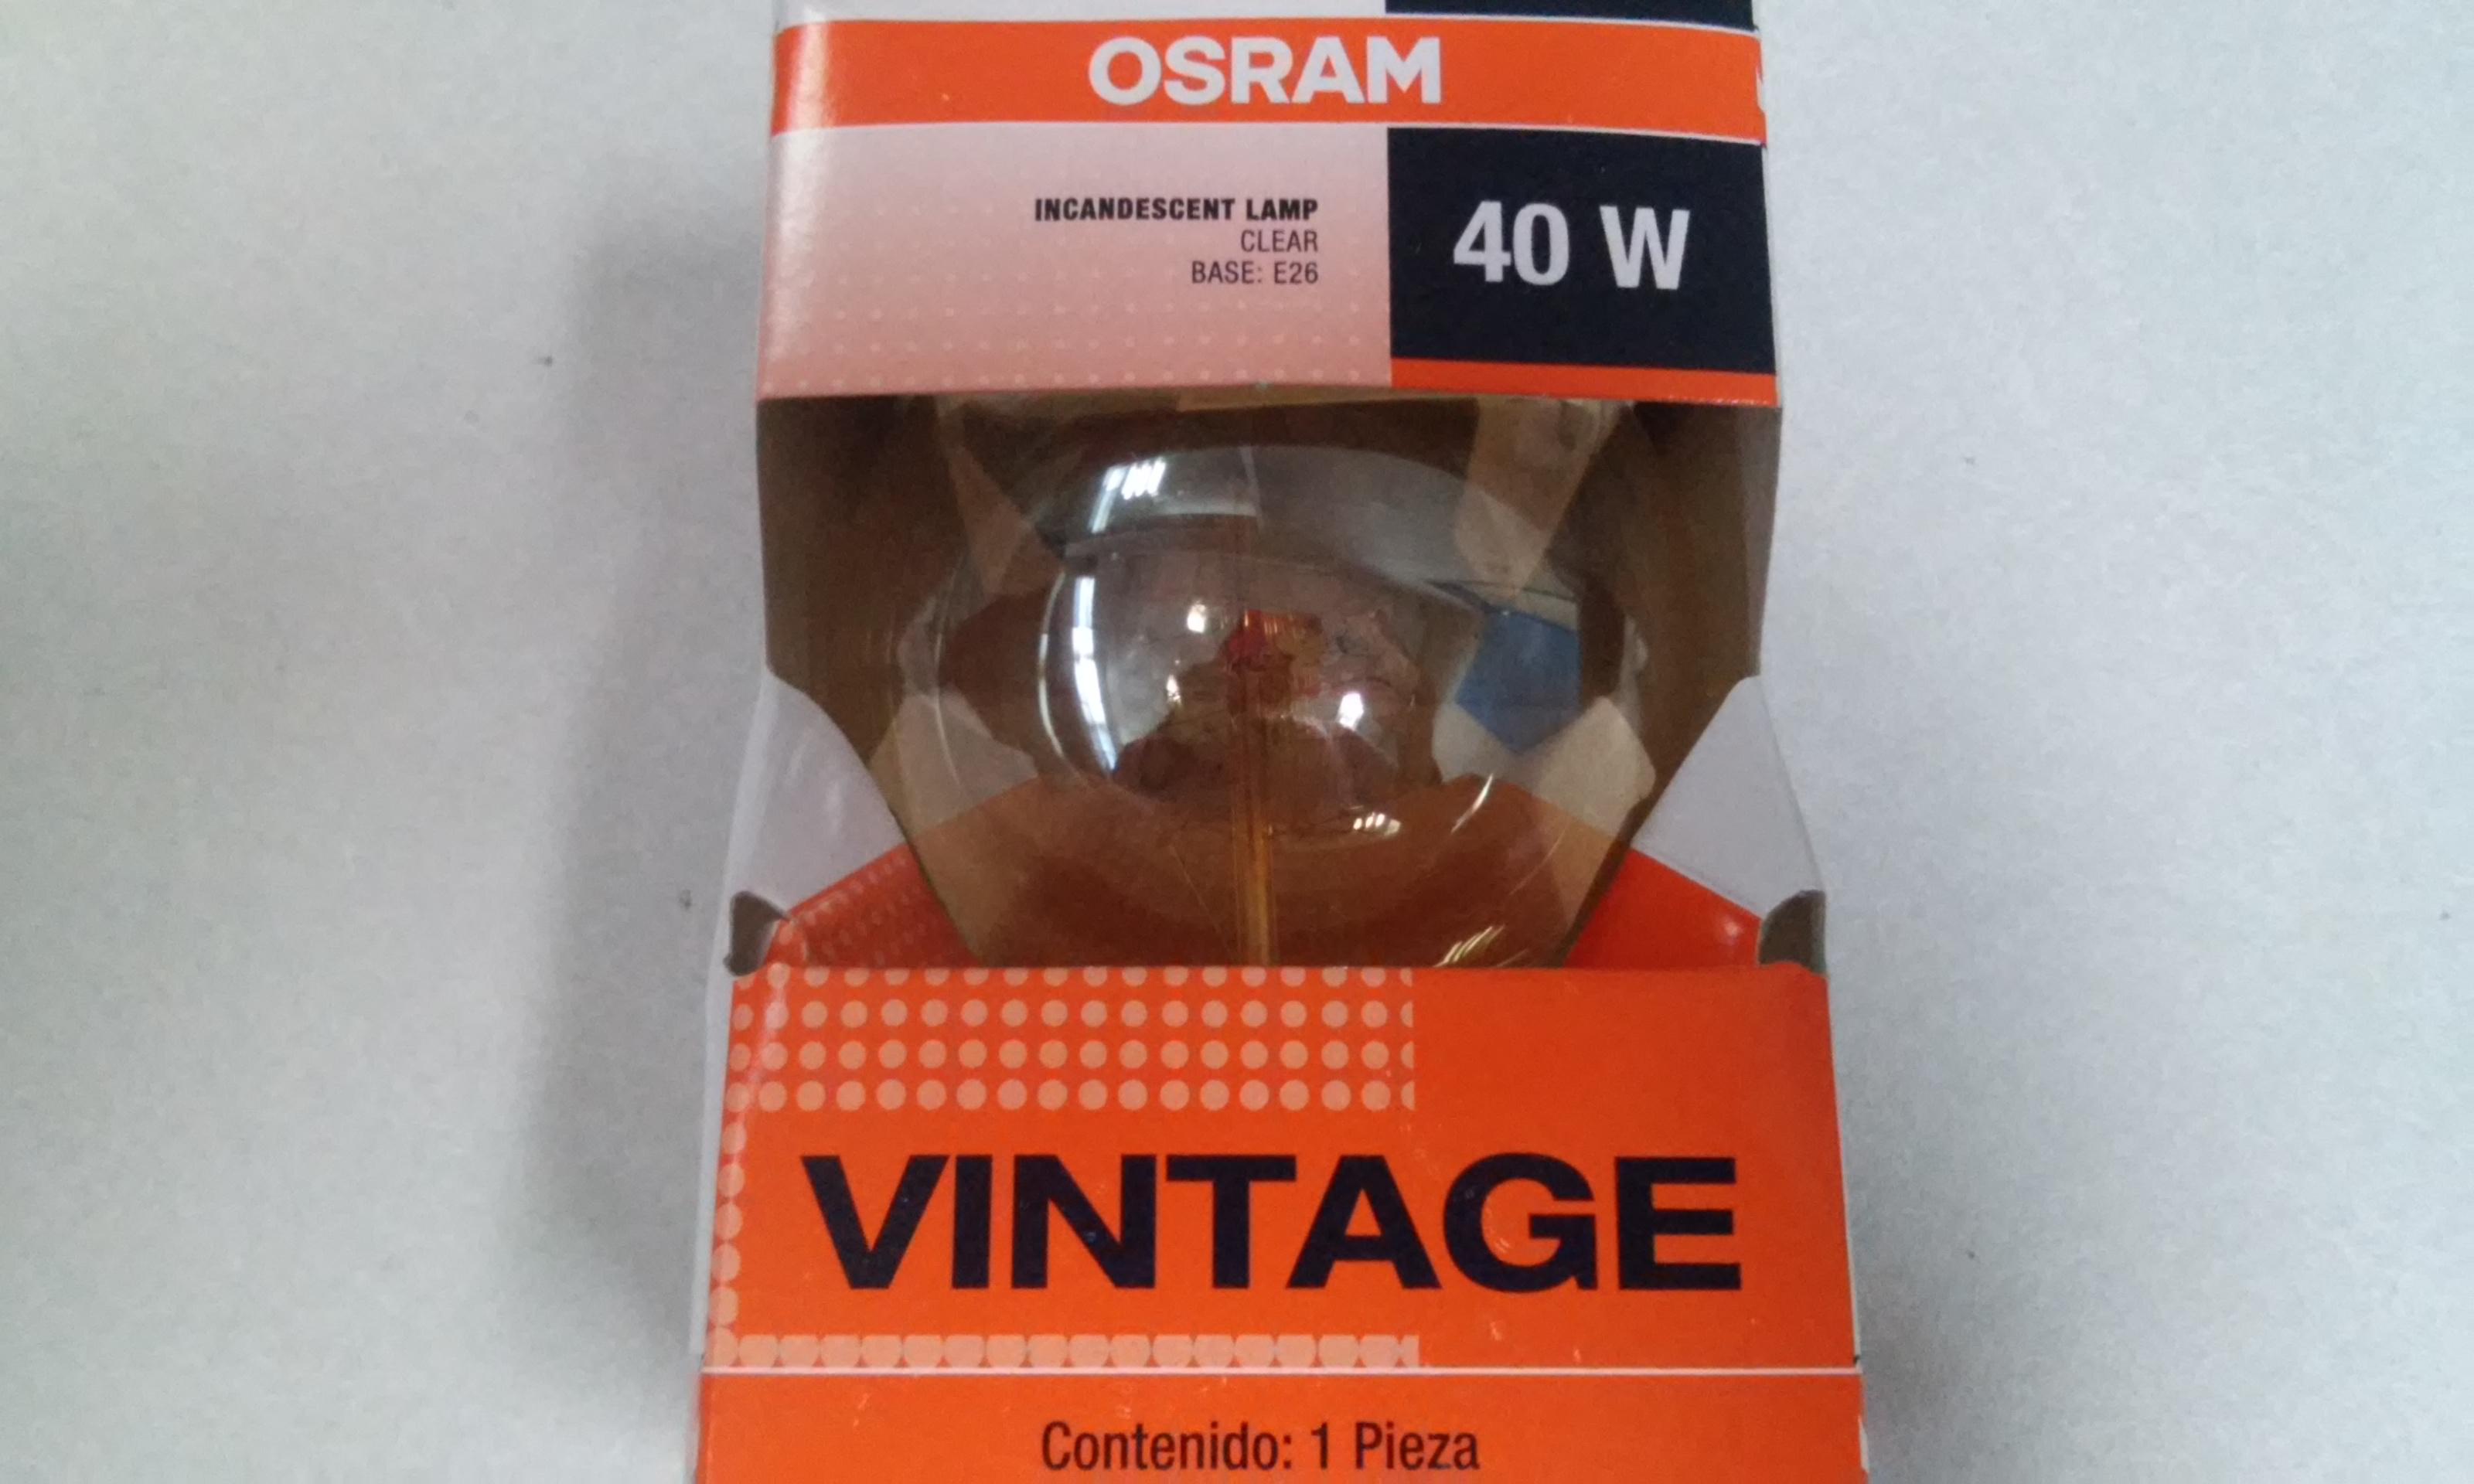 Walmart Cuitláhuac: Osram 40w Vintage a $28.03 y más